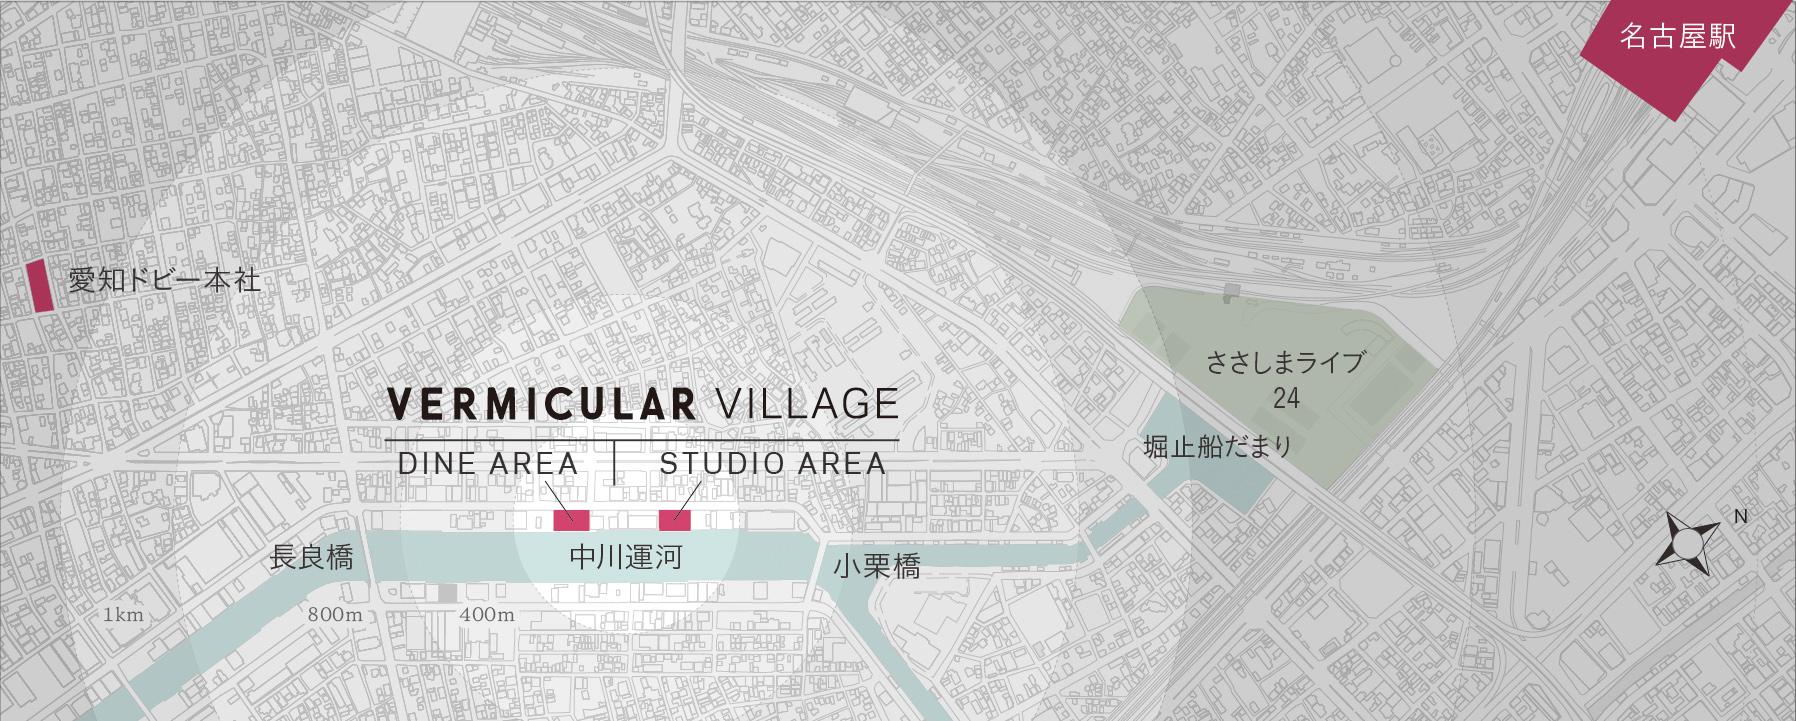 12月まで待てない!「バーミキュラ」の世界観を体現した初の体験型複合施設が名古屋にオープン予定 - sub4 1